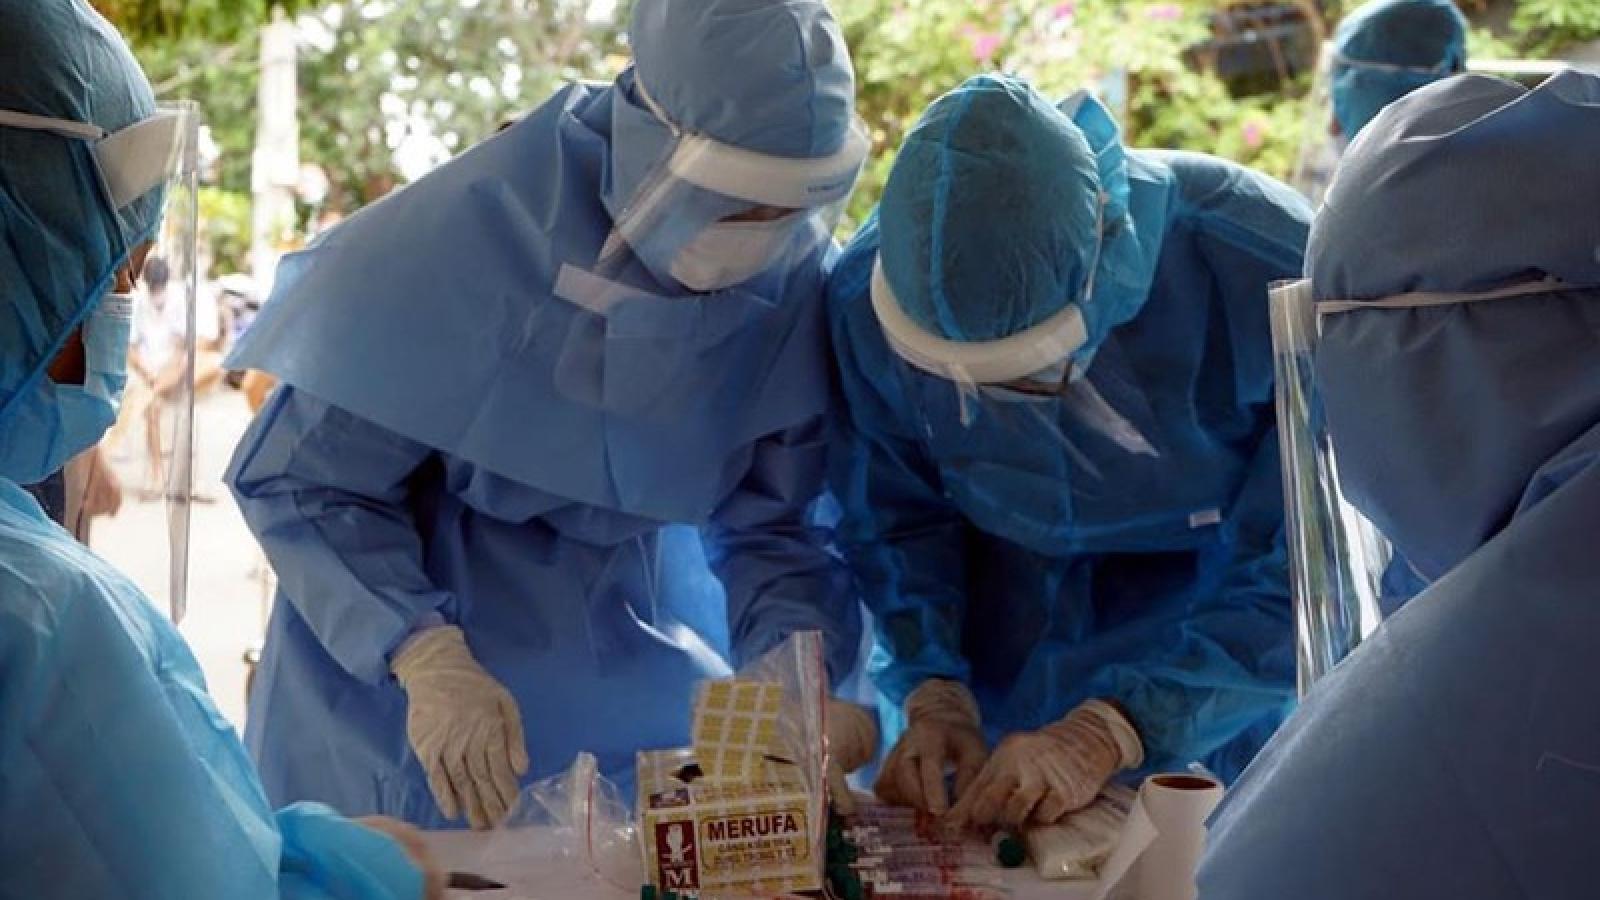 Thêm 14 ca mới, số ca mắc Covid-19 tại Việt Nam vượt ngưỡng 1.000